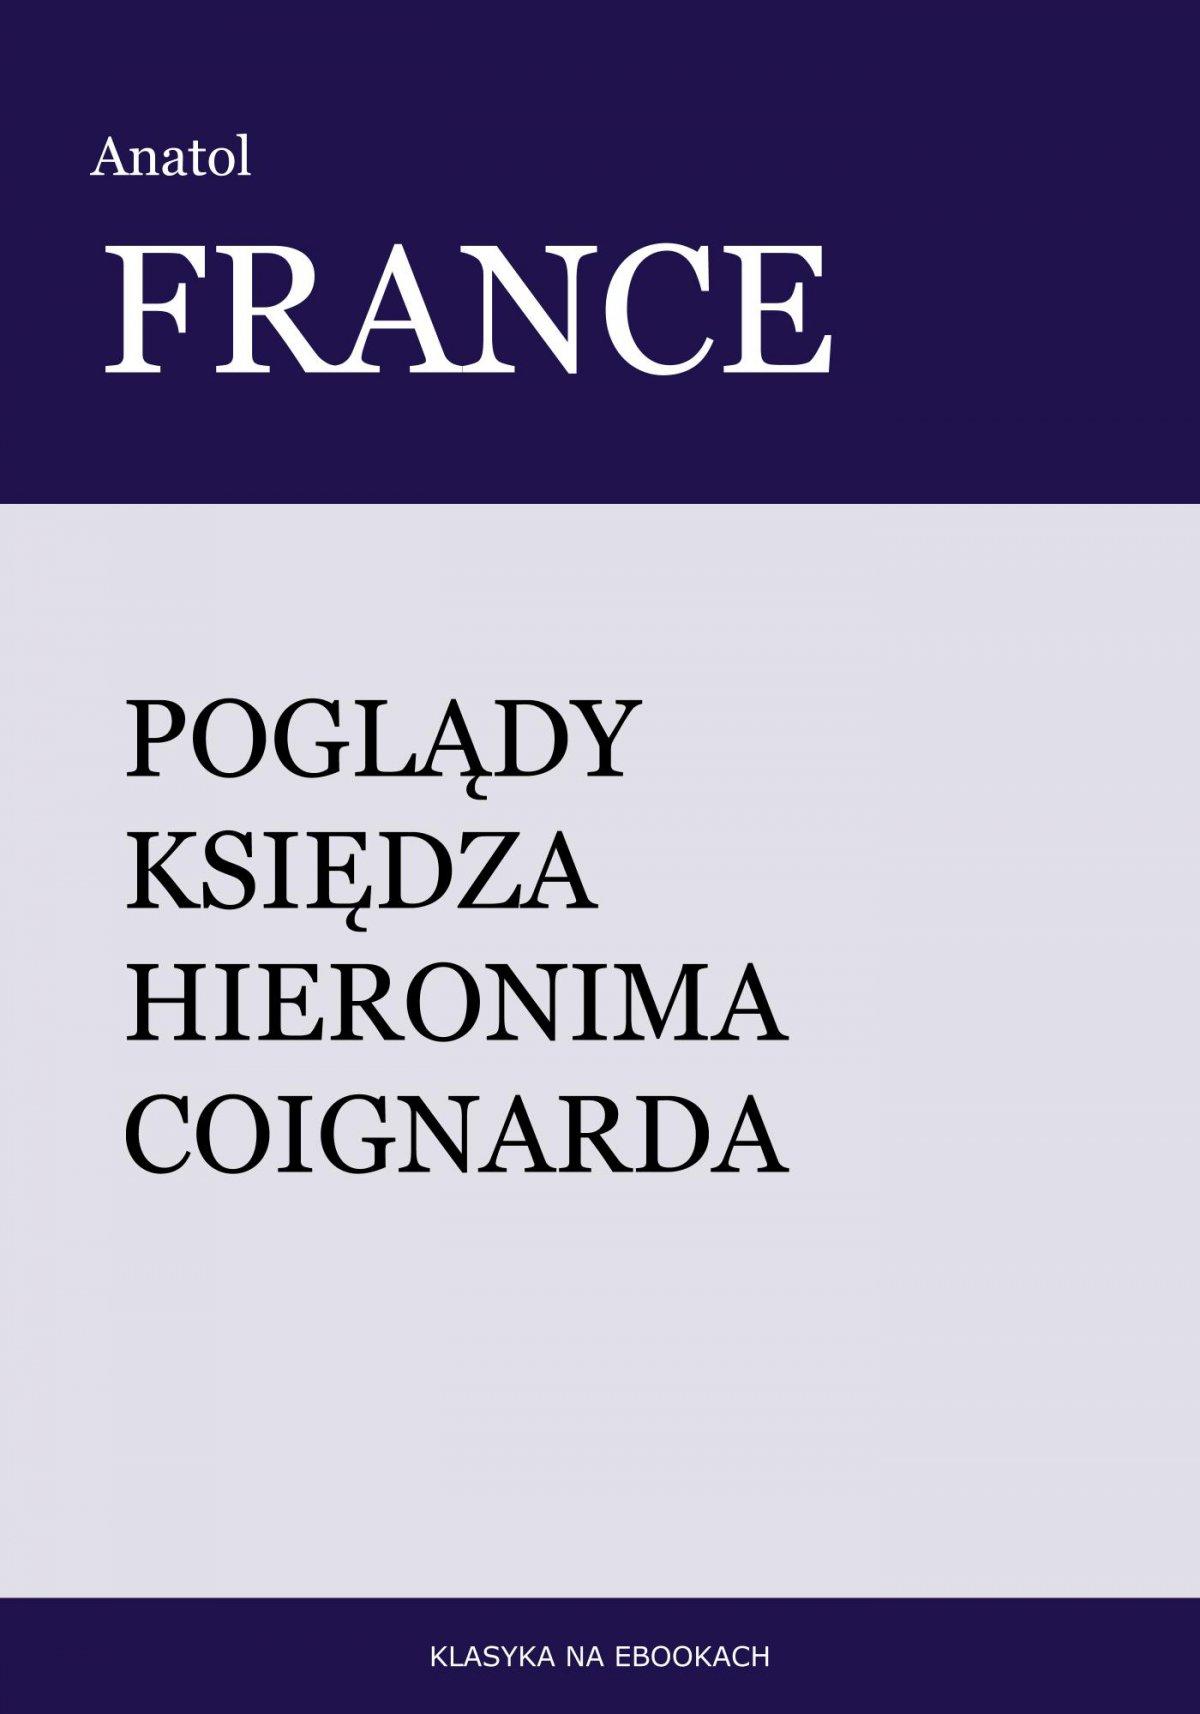 Poglądy księdza Hieronima Coignarda - Ebook (Książka EPUB) do pobrania w formacie EPUB